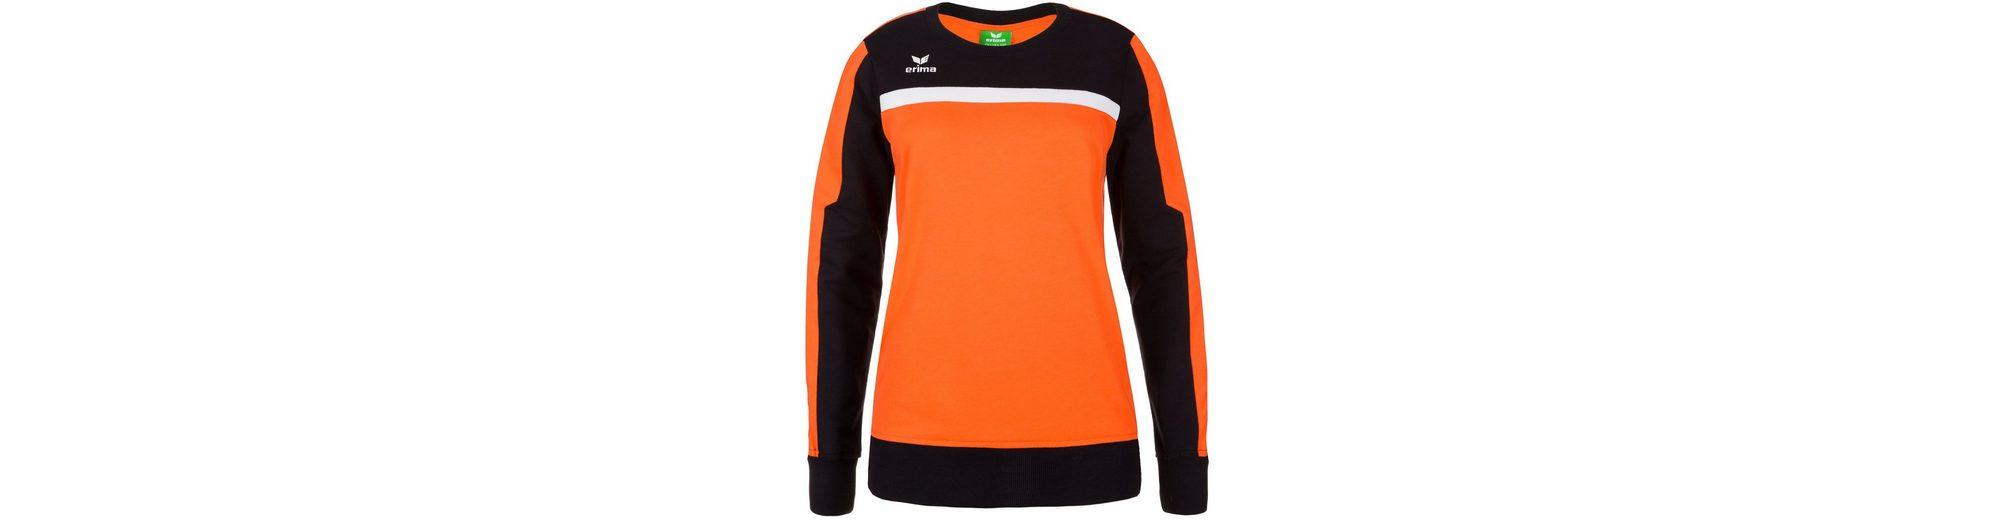 ERIMA 5-CUBES Sweatshirt Damen Günstig Kaufen Neue Ankunft Rabatt Manchester Großer Verkauf Sexy Sport Ipb3zJ